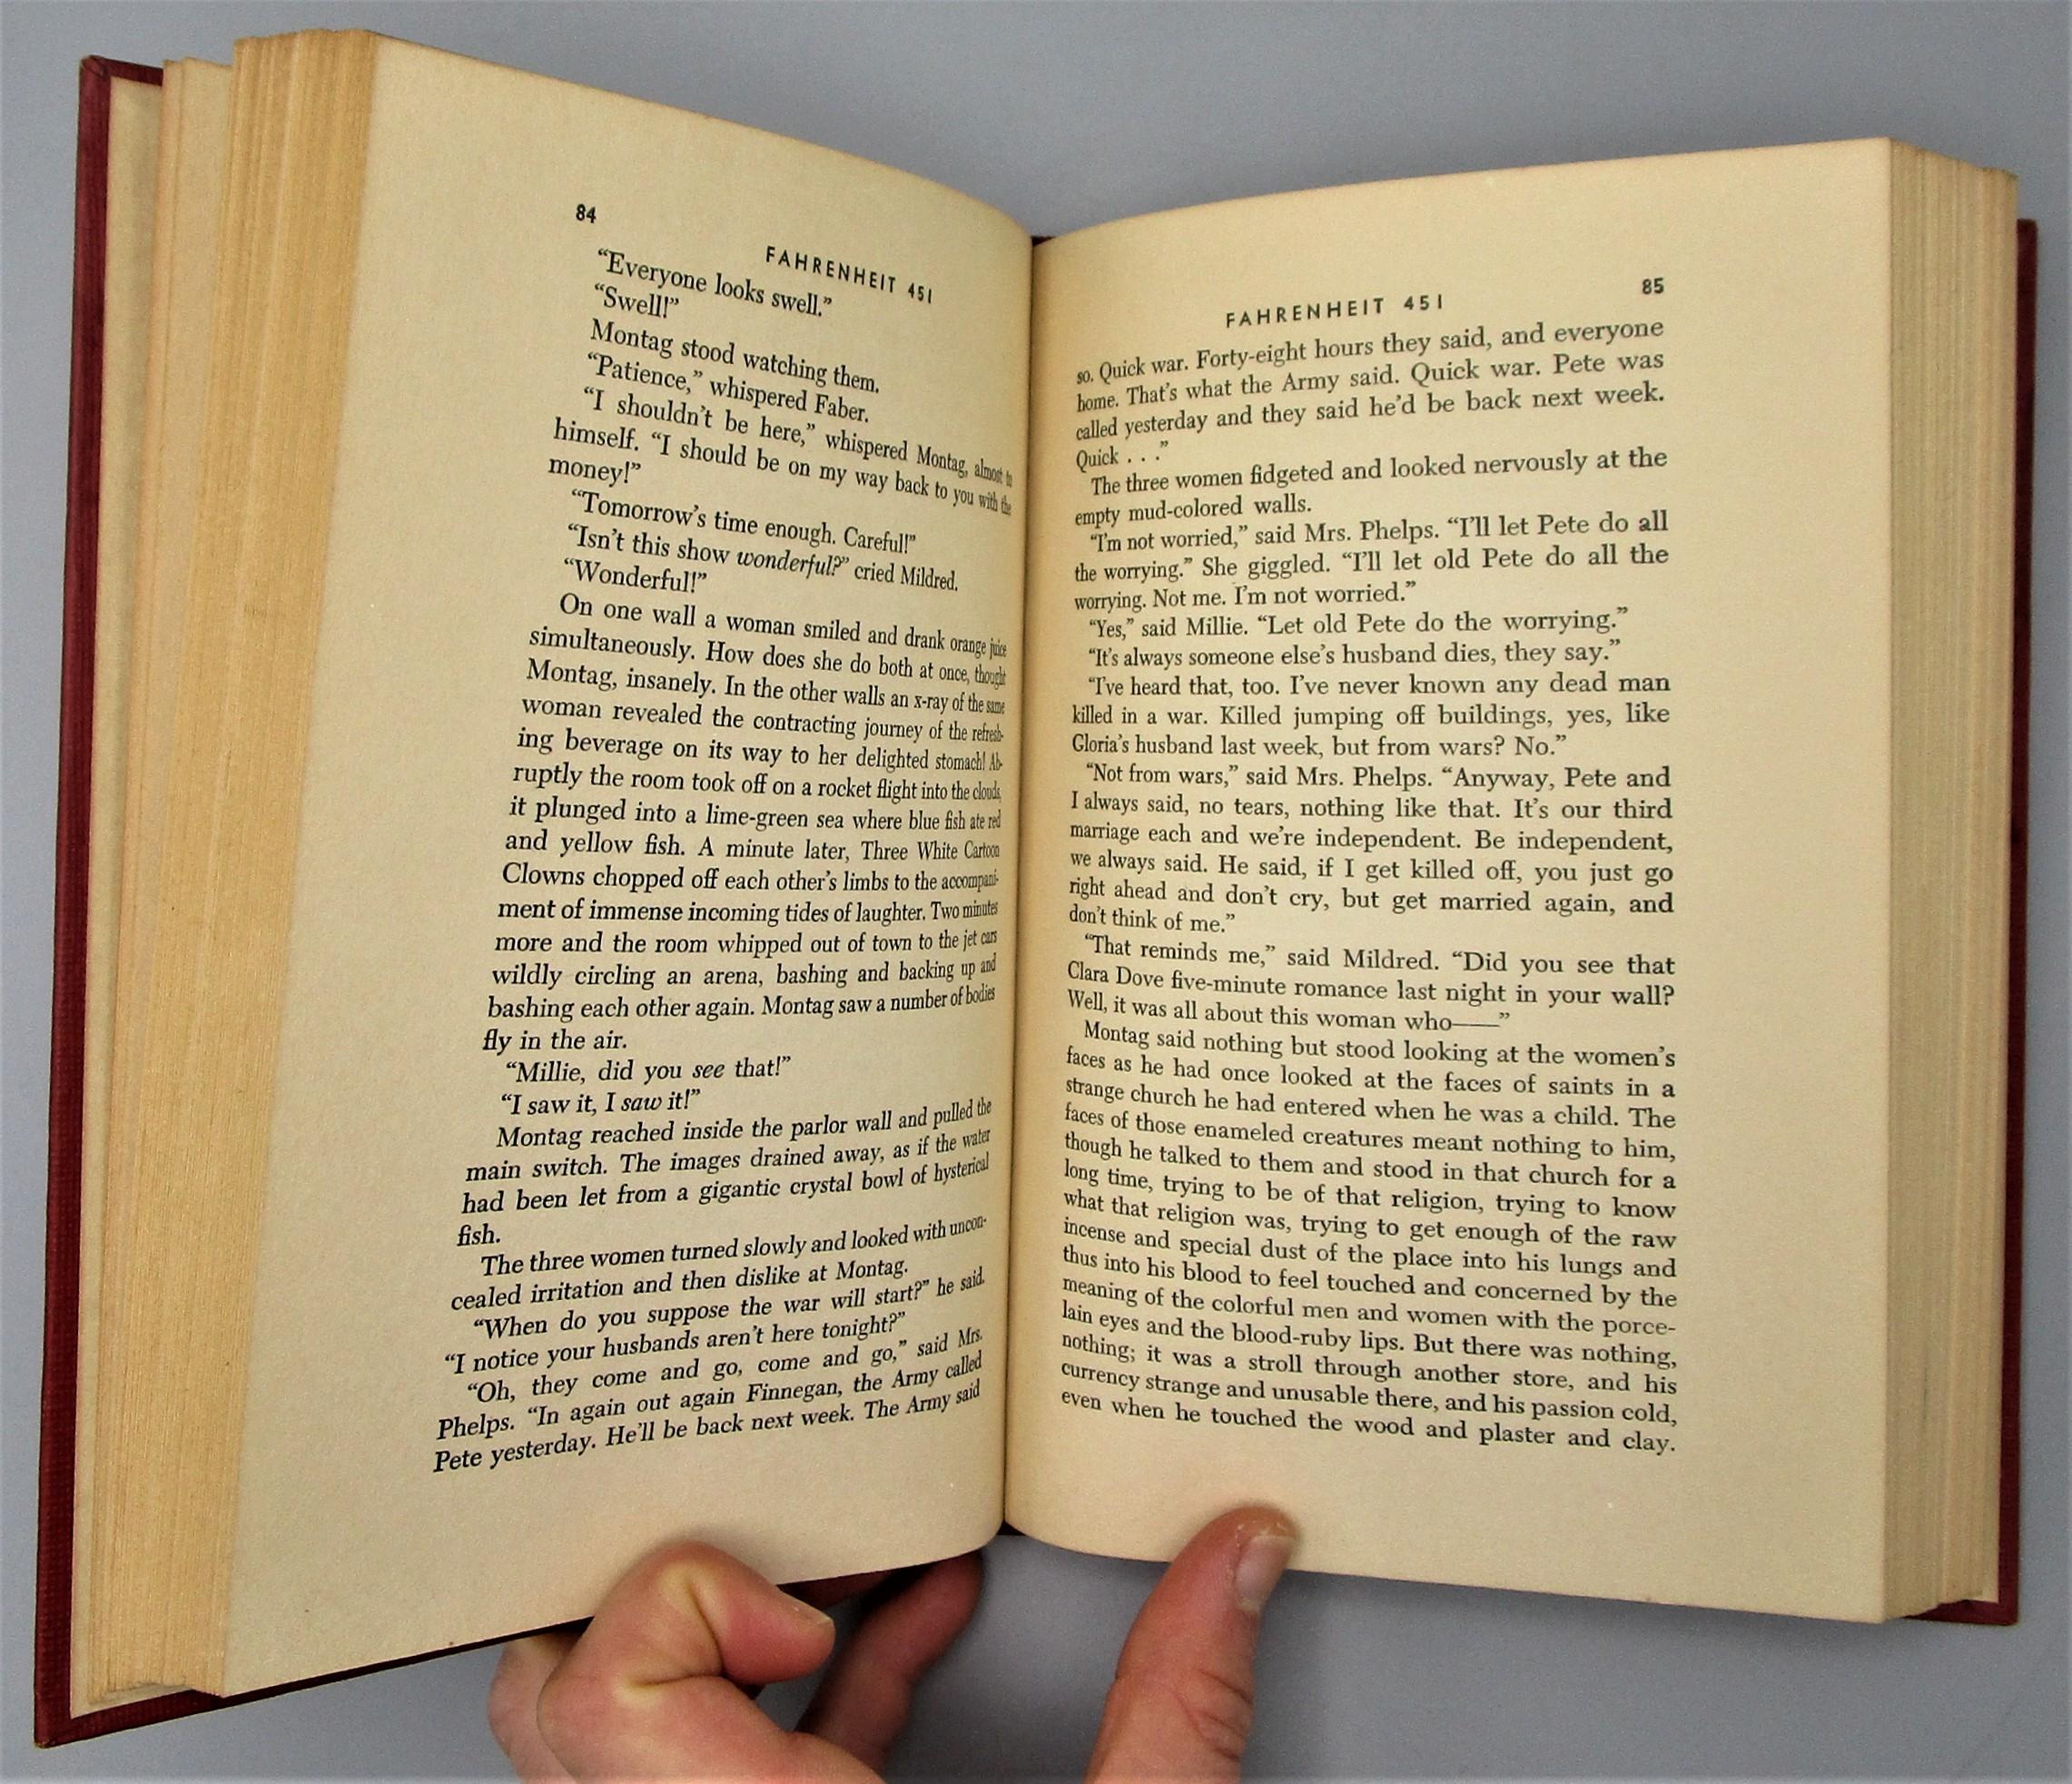 FAHRENHEIT 451, by Ray Bradbury - 1953 [1st Ed]